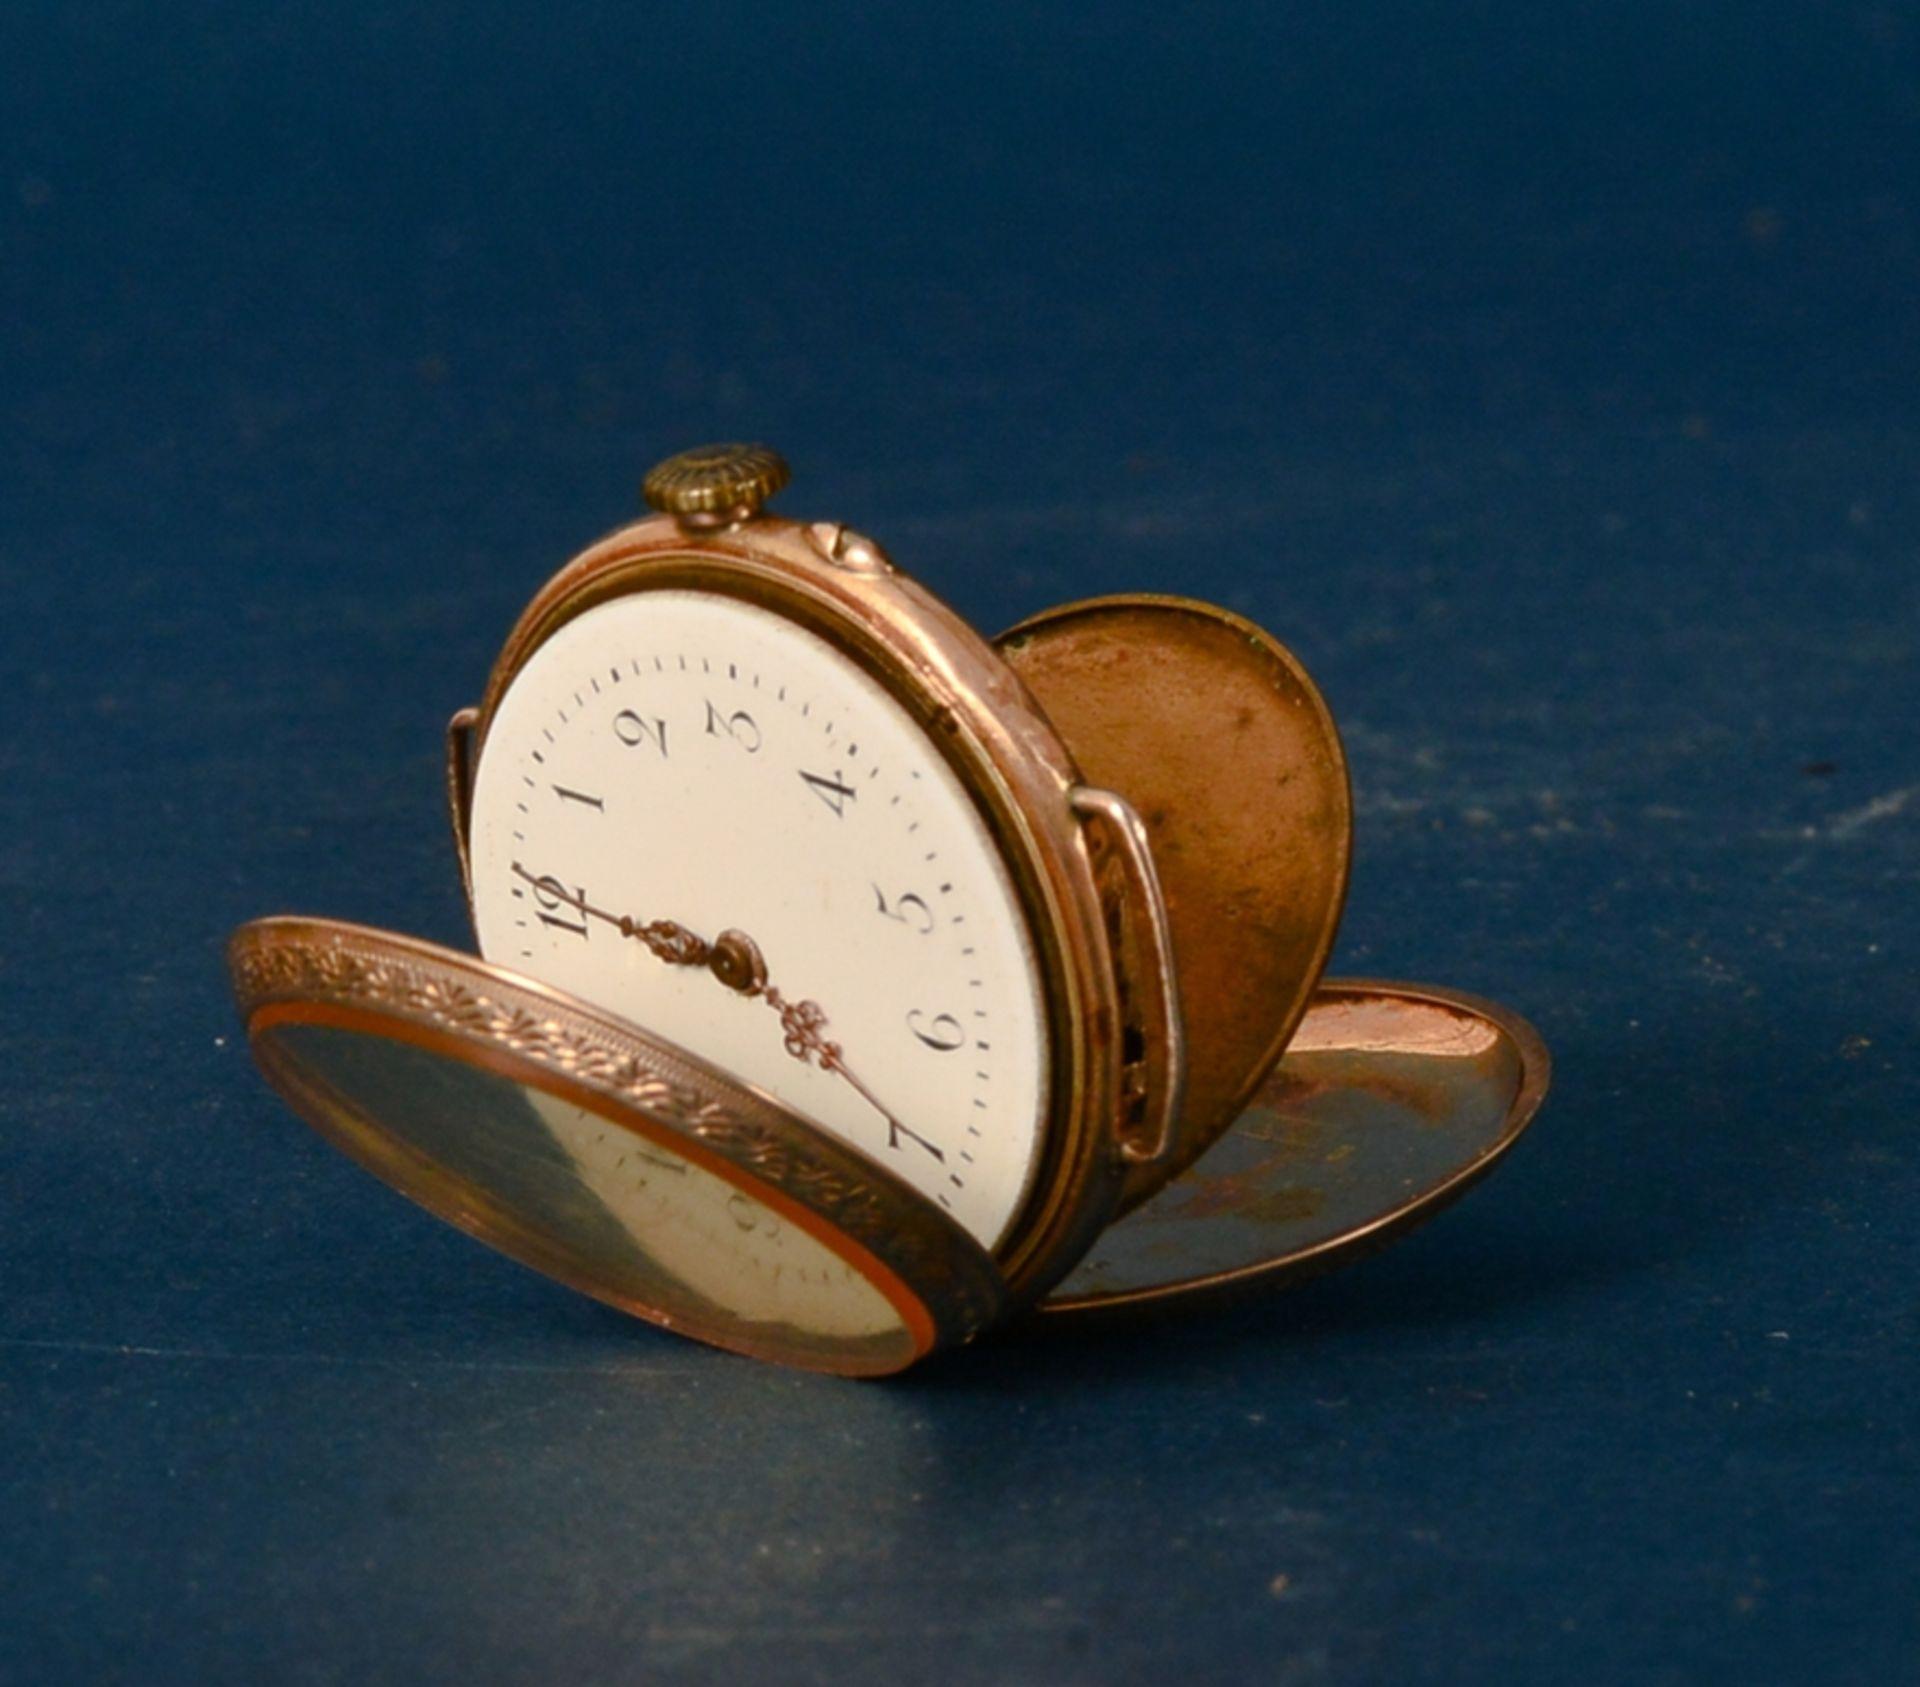 Frühe Damenarmbanduhr, um 1900. Aufwändig gestaltetes 585er Gelbgoldgehäuse, Durchmesser ca. 30 - Bild 5 aus 7